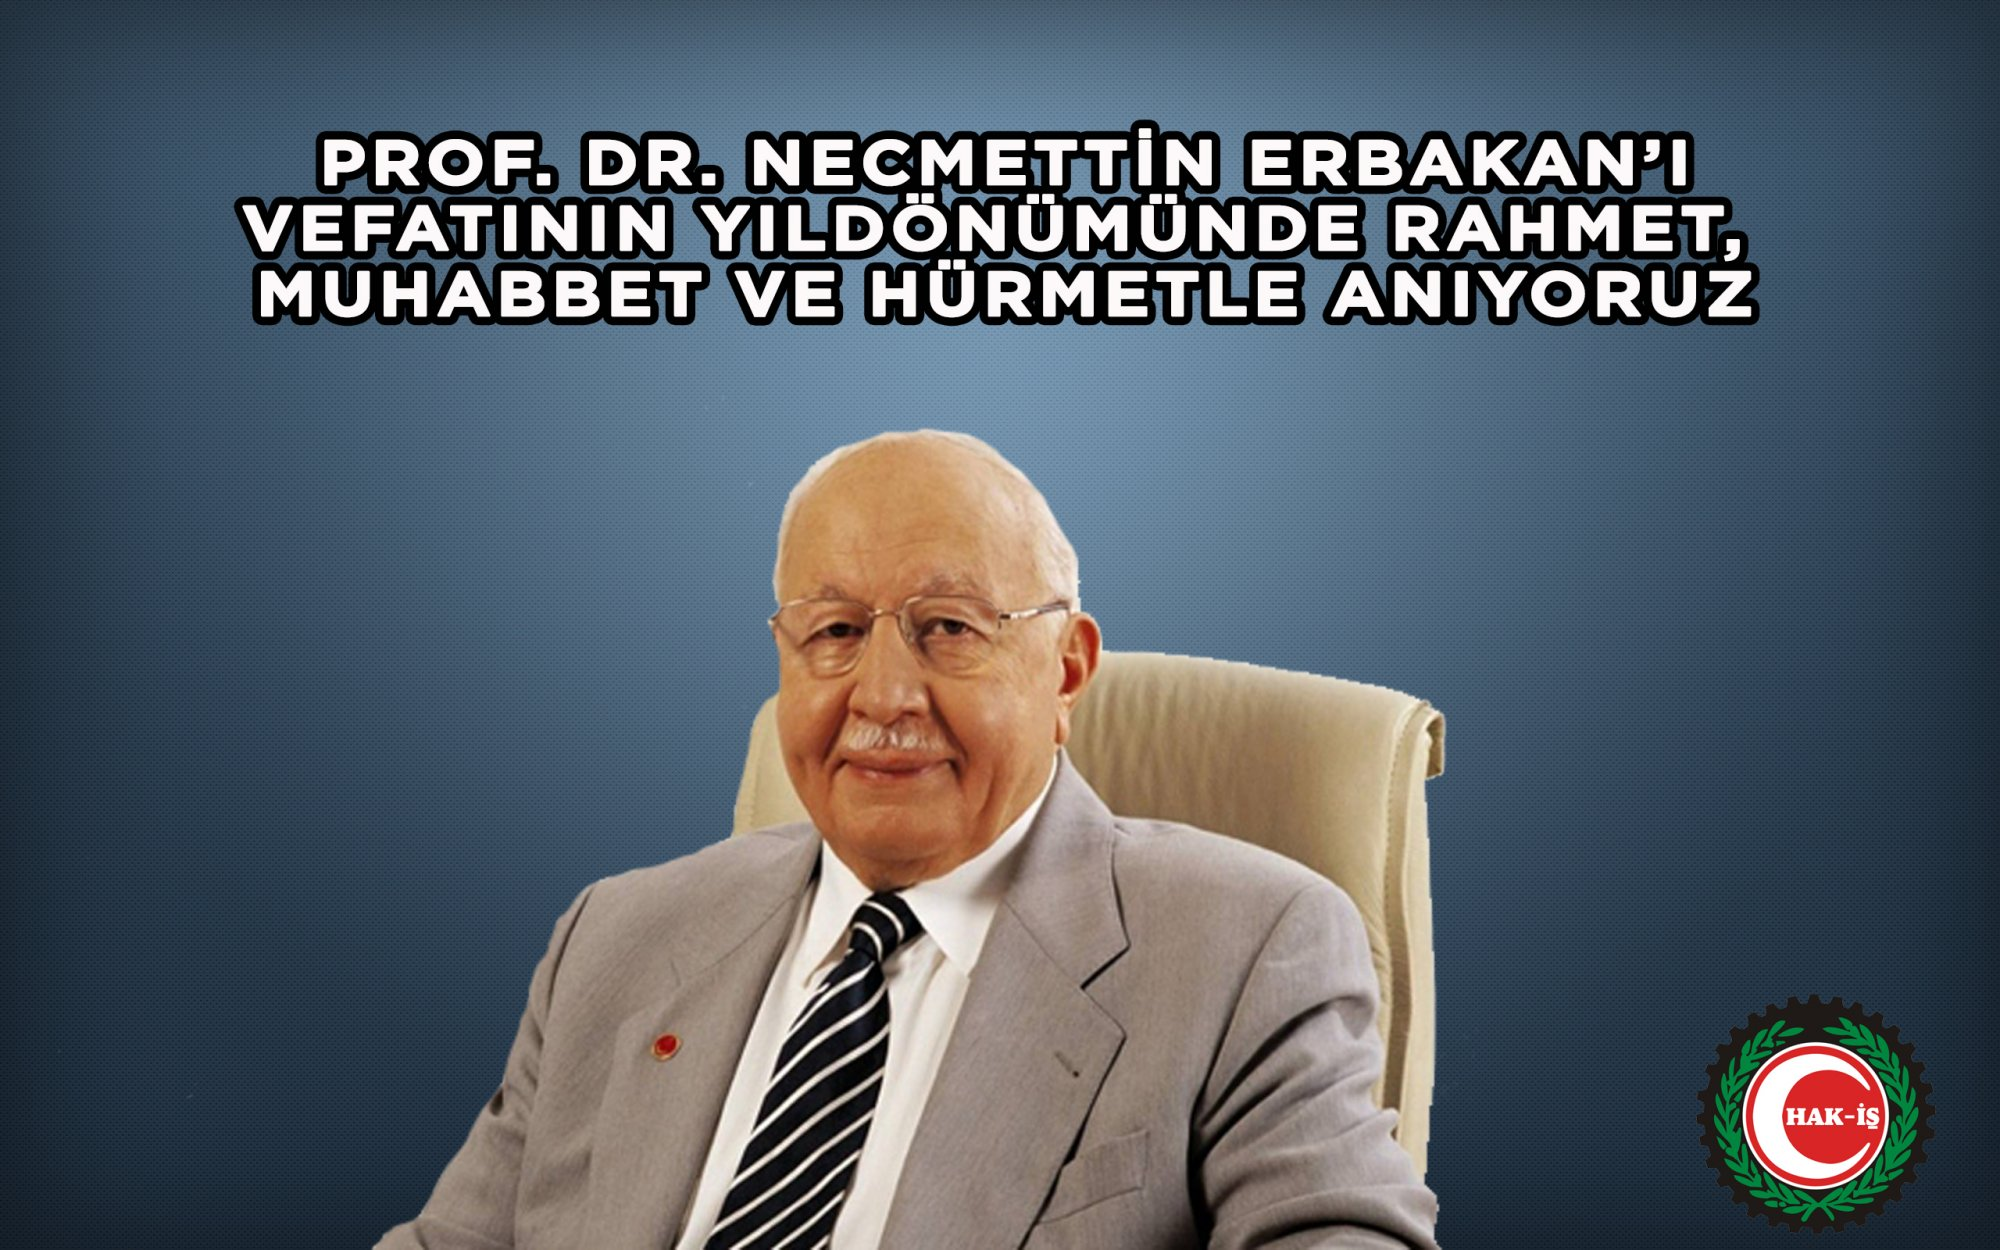 """ARSLAN: """"NECMETTİN ERBAKAN'I RAHMETLE ANIYORUZ"""""""